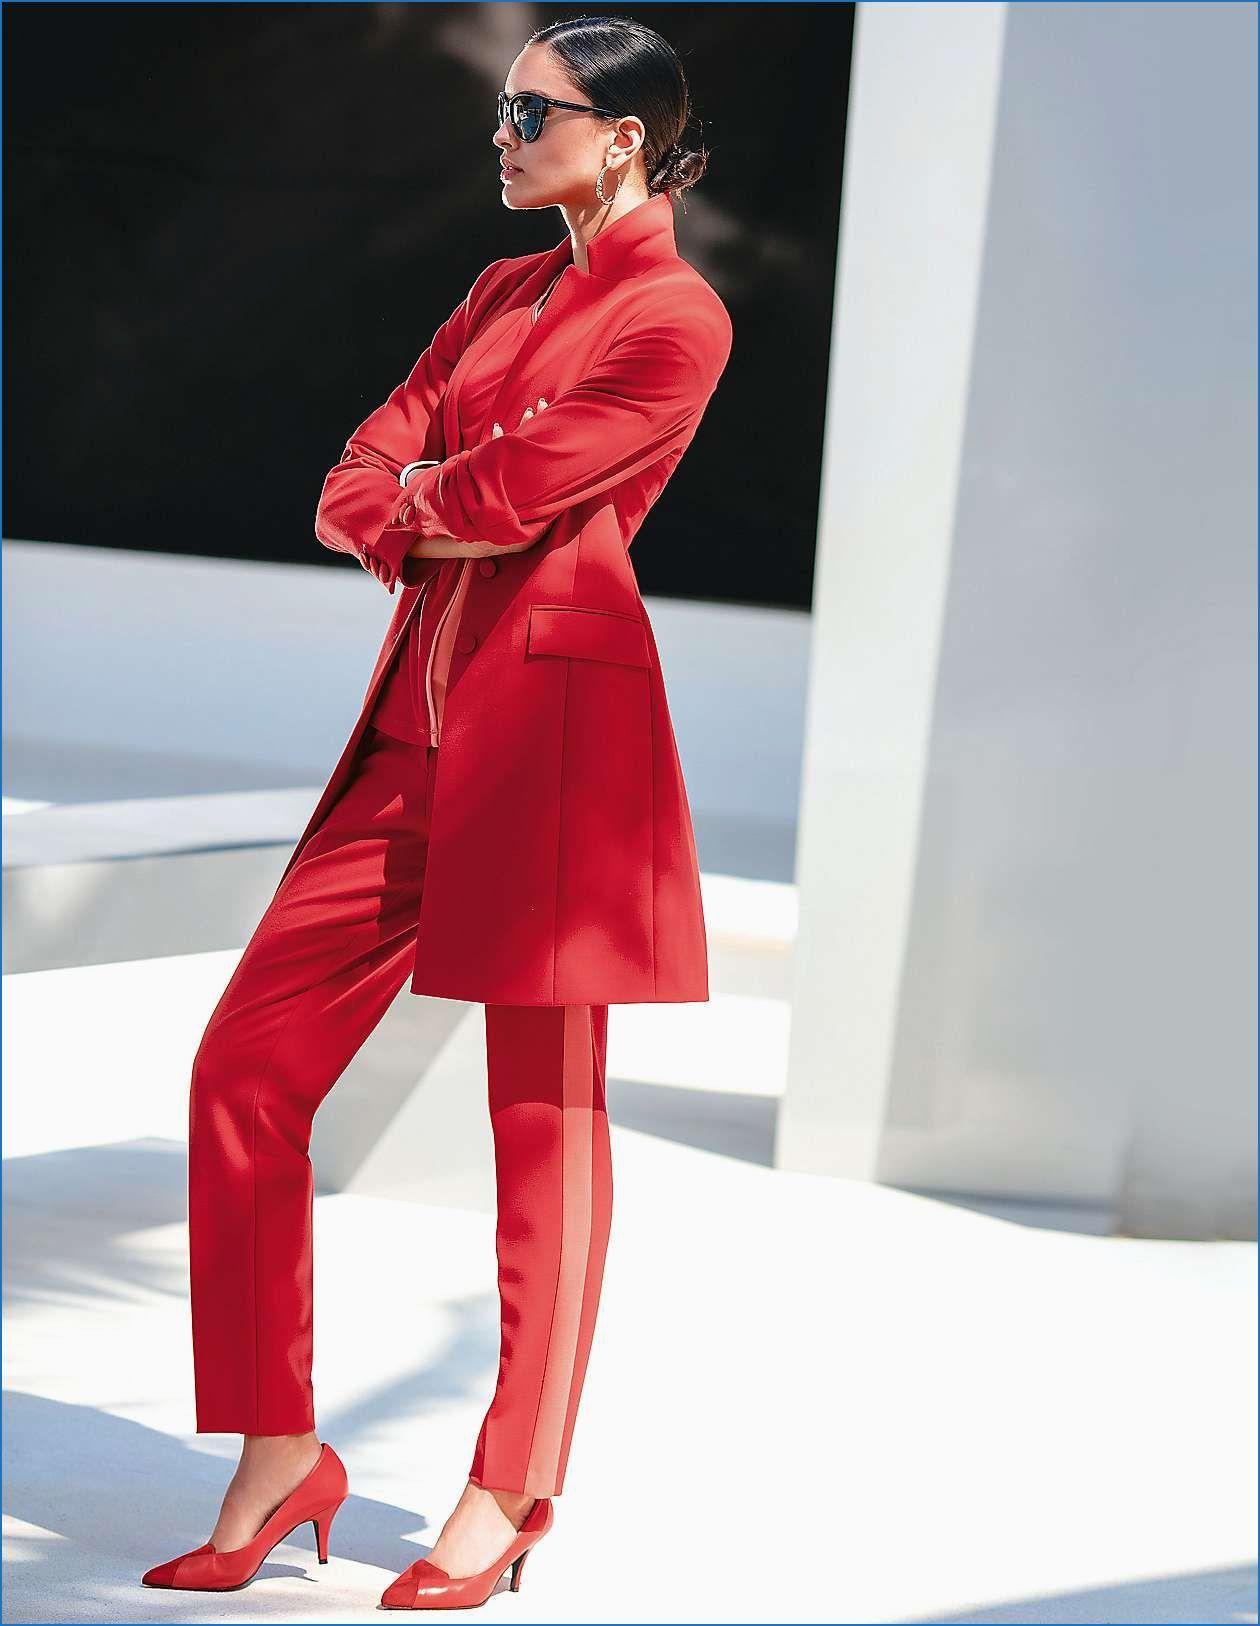 Festliche Kleider Knielang Mit Jacke ꧁༺Haare jull༻꧂  Fashion